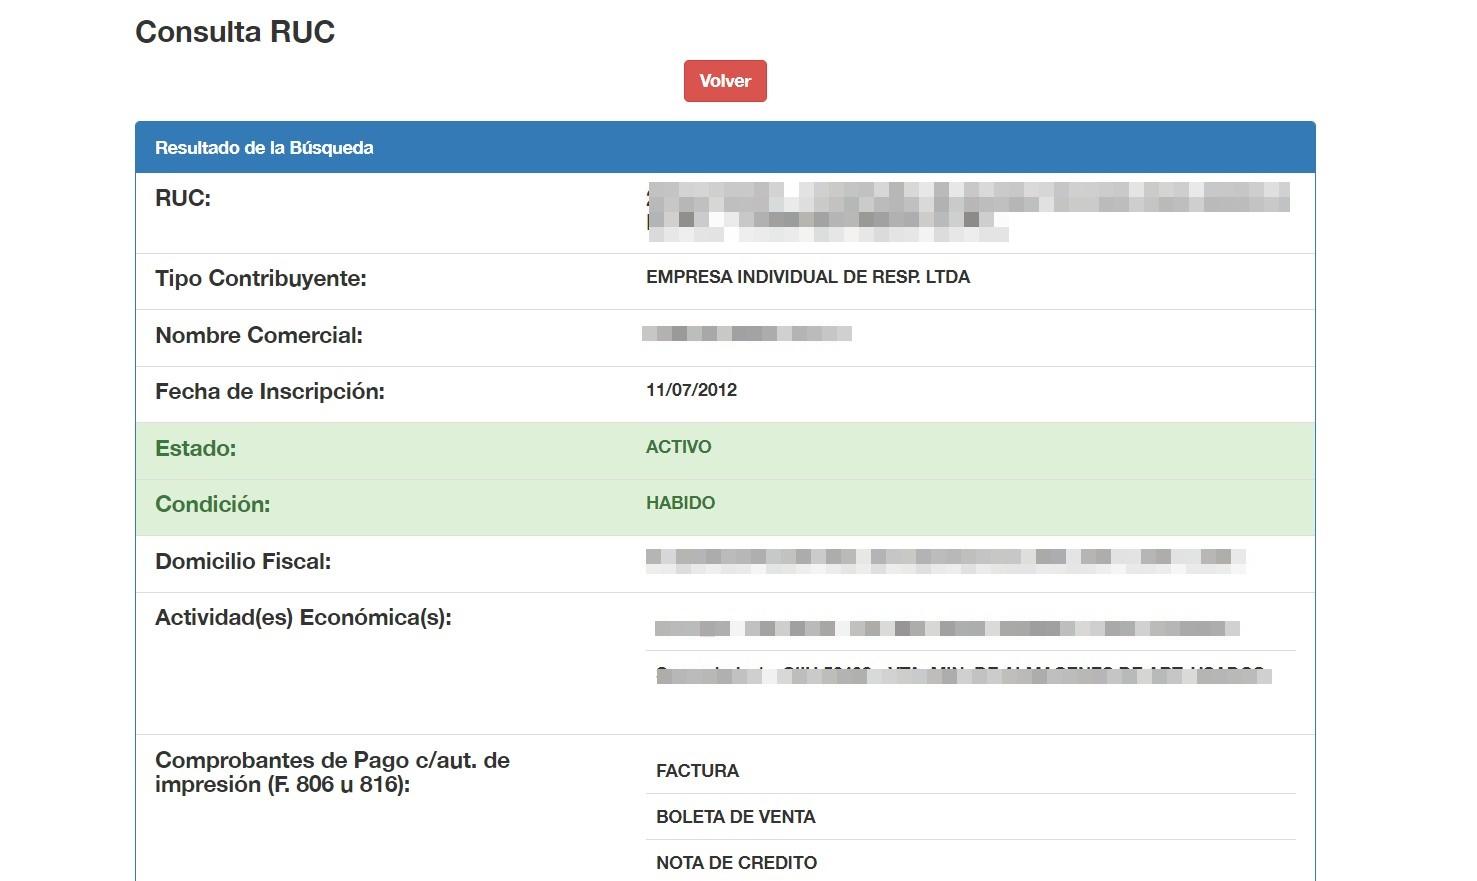 Consulta RUC Perú paso 3